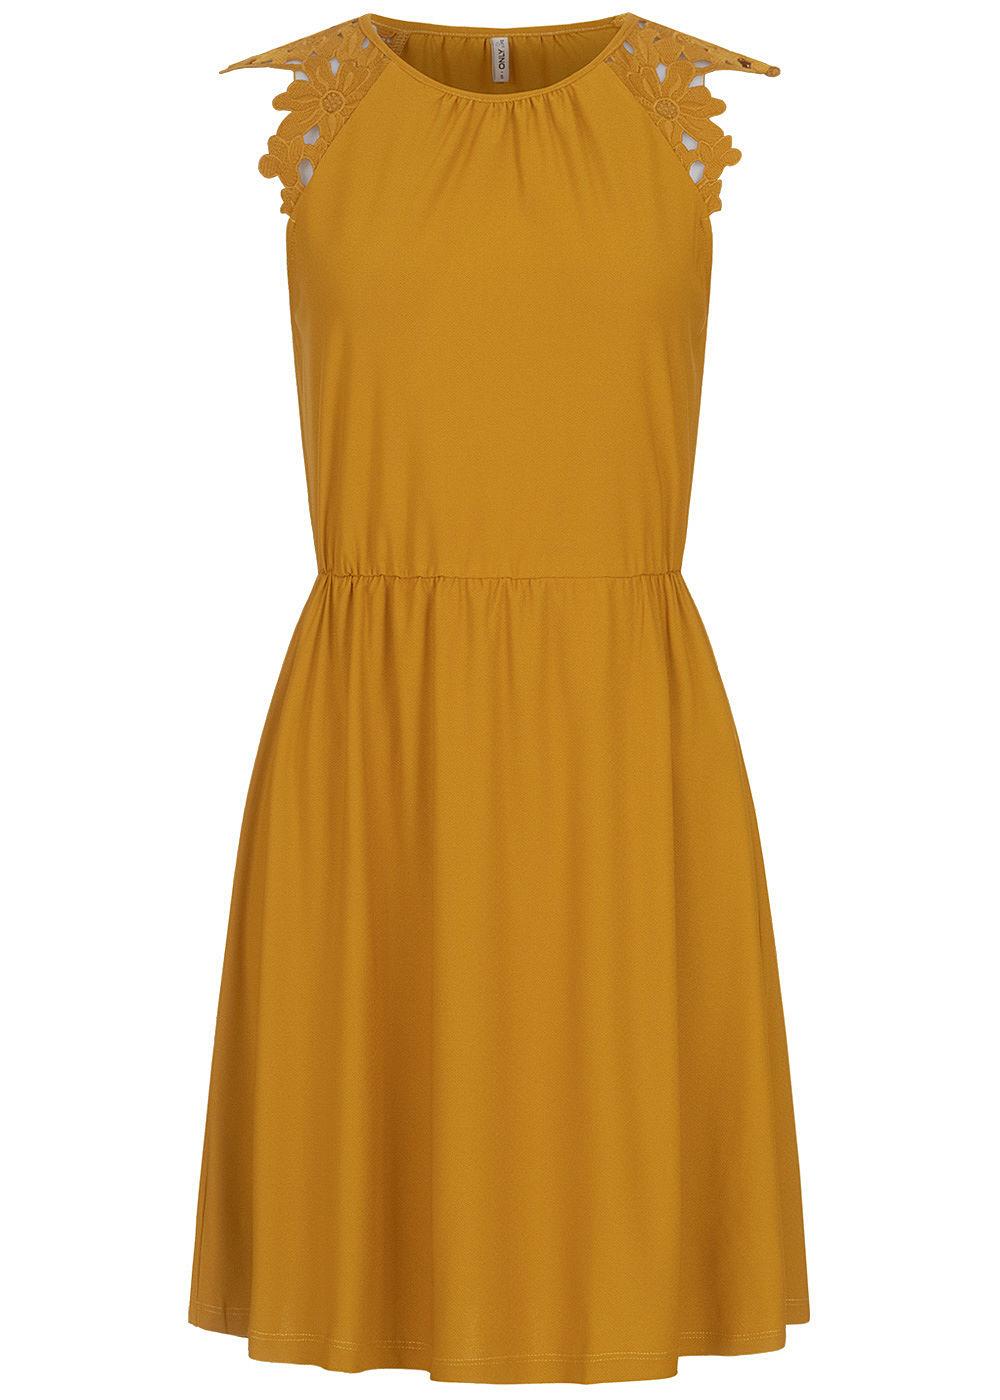 ONLY Damen Kleid Taillenzug Blumen Stickerei chai tea gelb